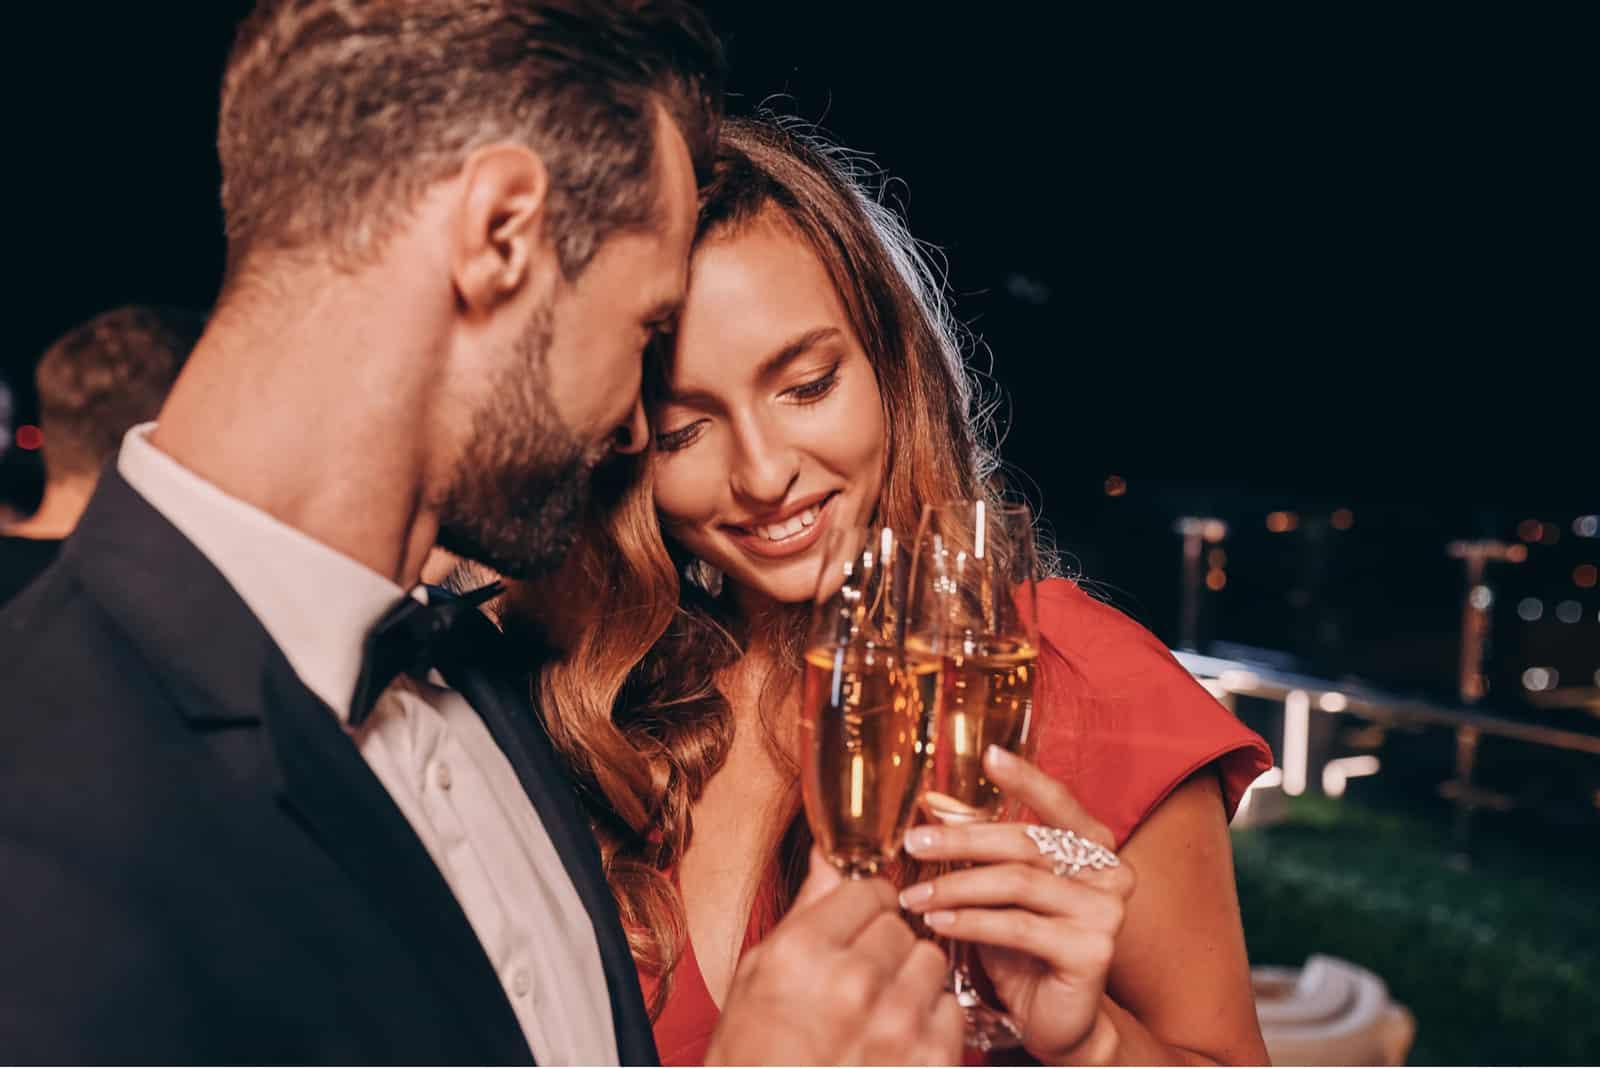 un beau couple debout embrassé le grillage avec du vin